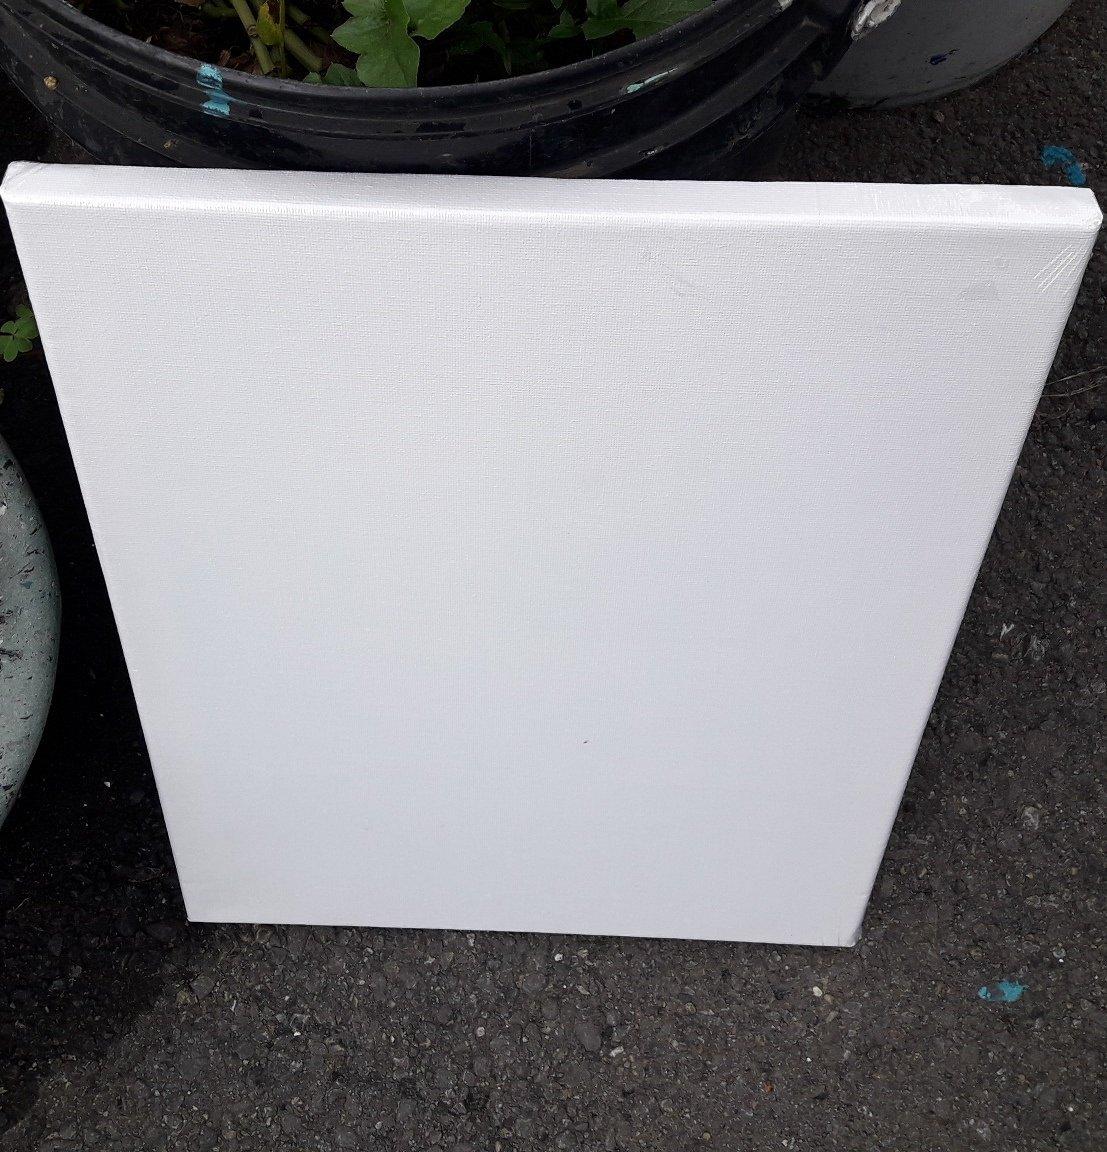 【五旬藝博士】空白 中型 油畫布板框 40*30CM 畫布畫板 (厚款) DIY 美勞素材 方形畫板 繪畫材料